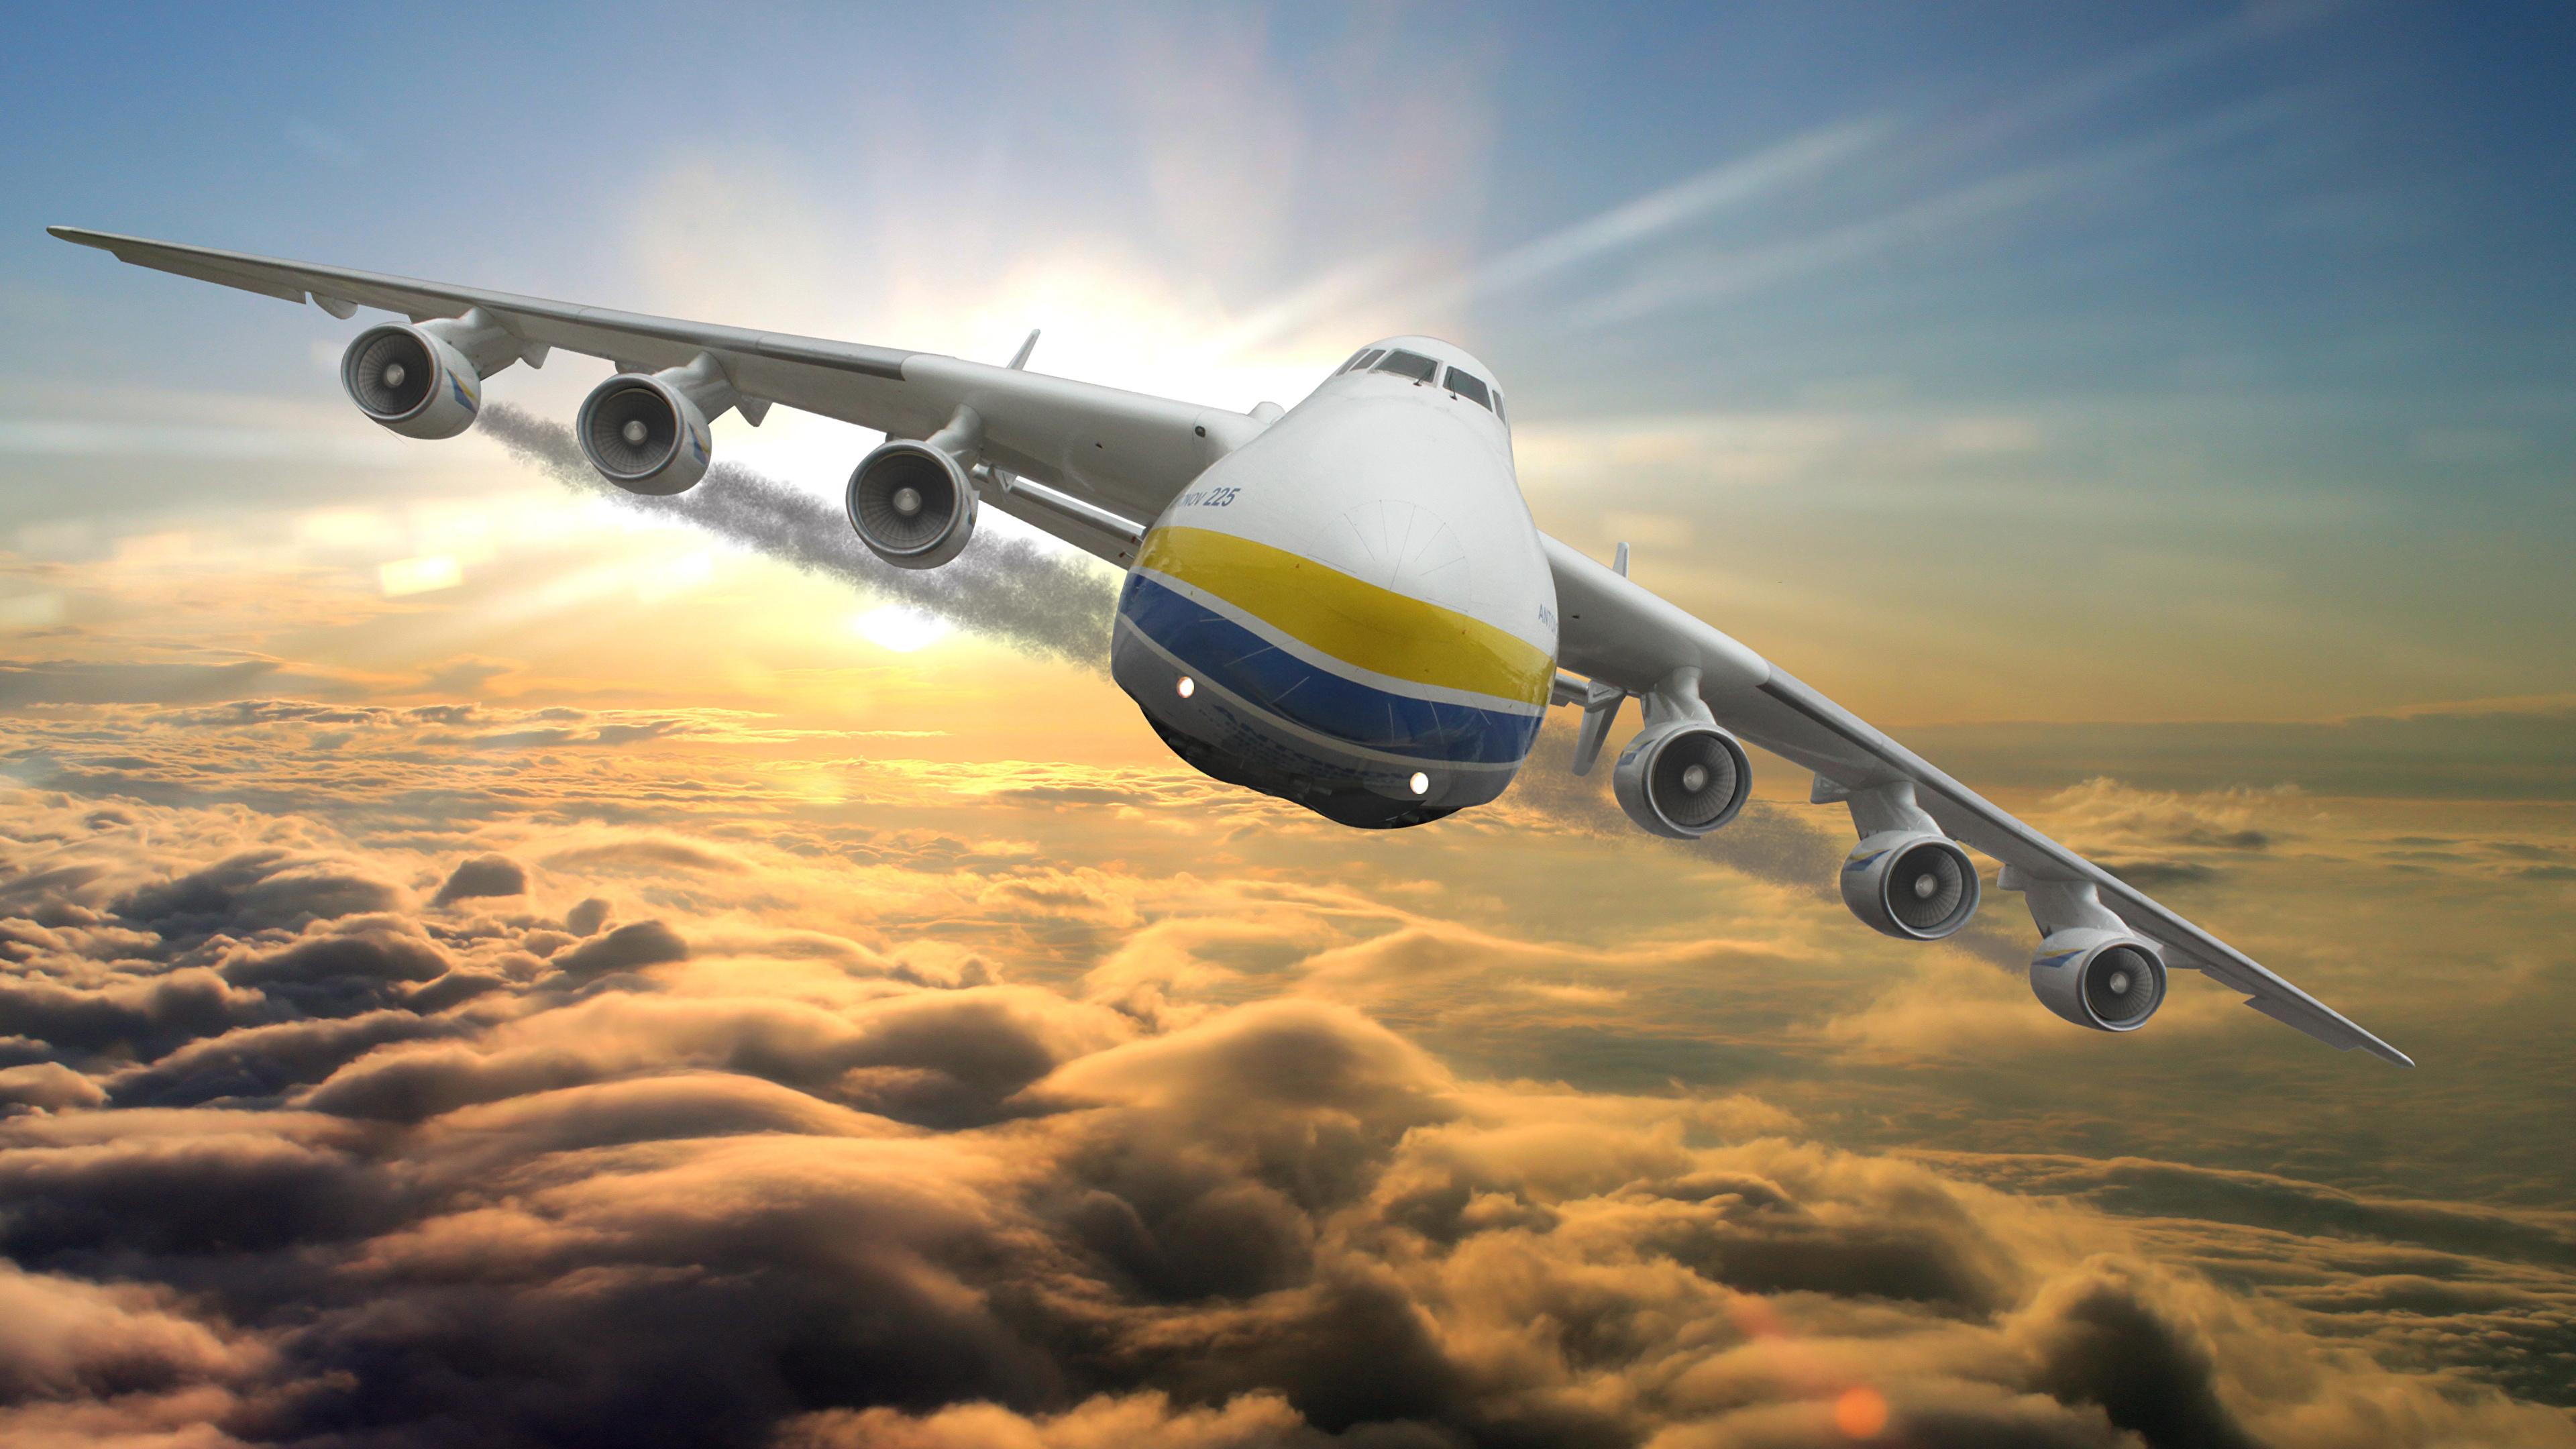 Обои Самолёт, транспортный. Авиация foto 13